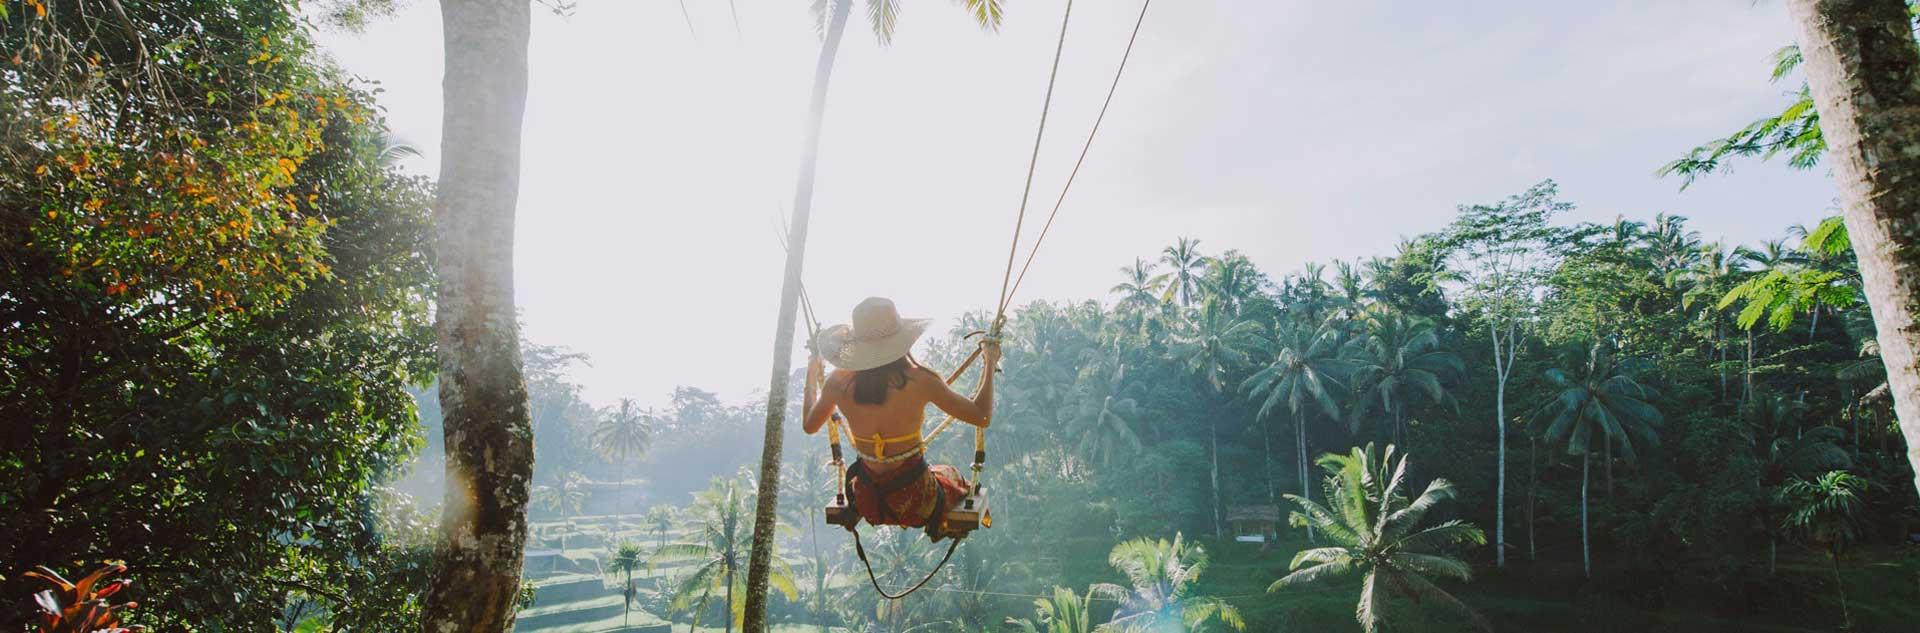 Junge Frau schaukelt auf Bali